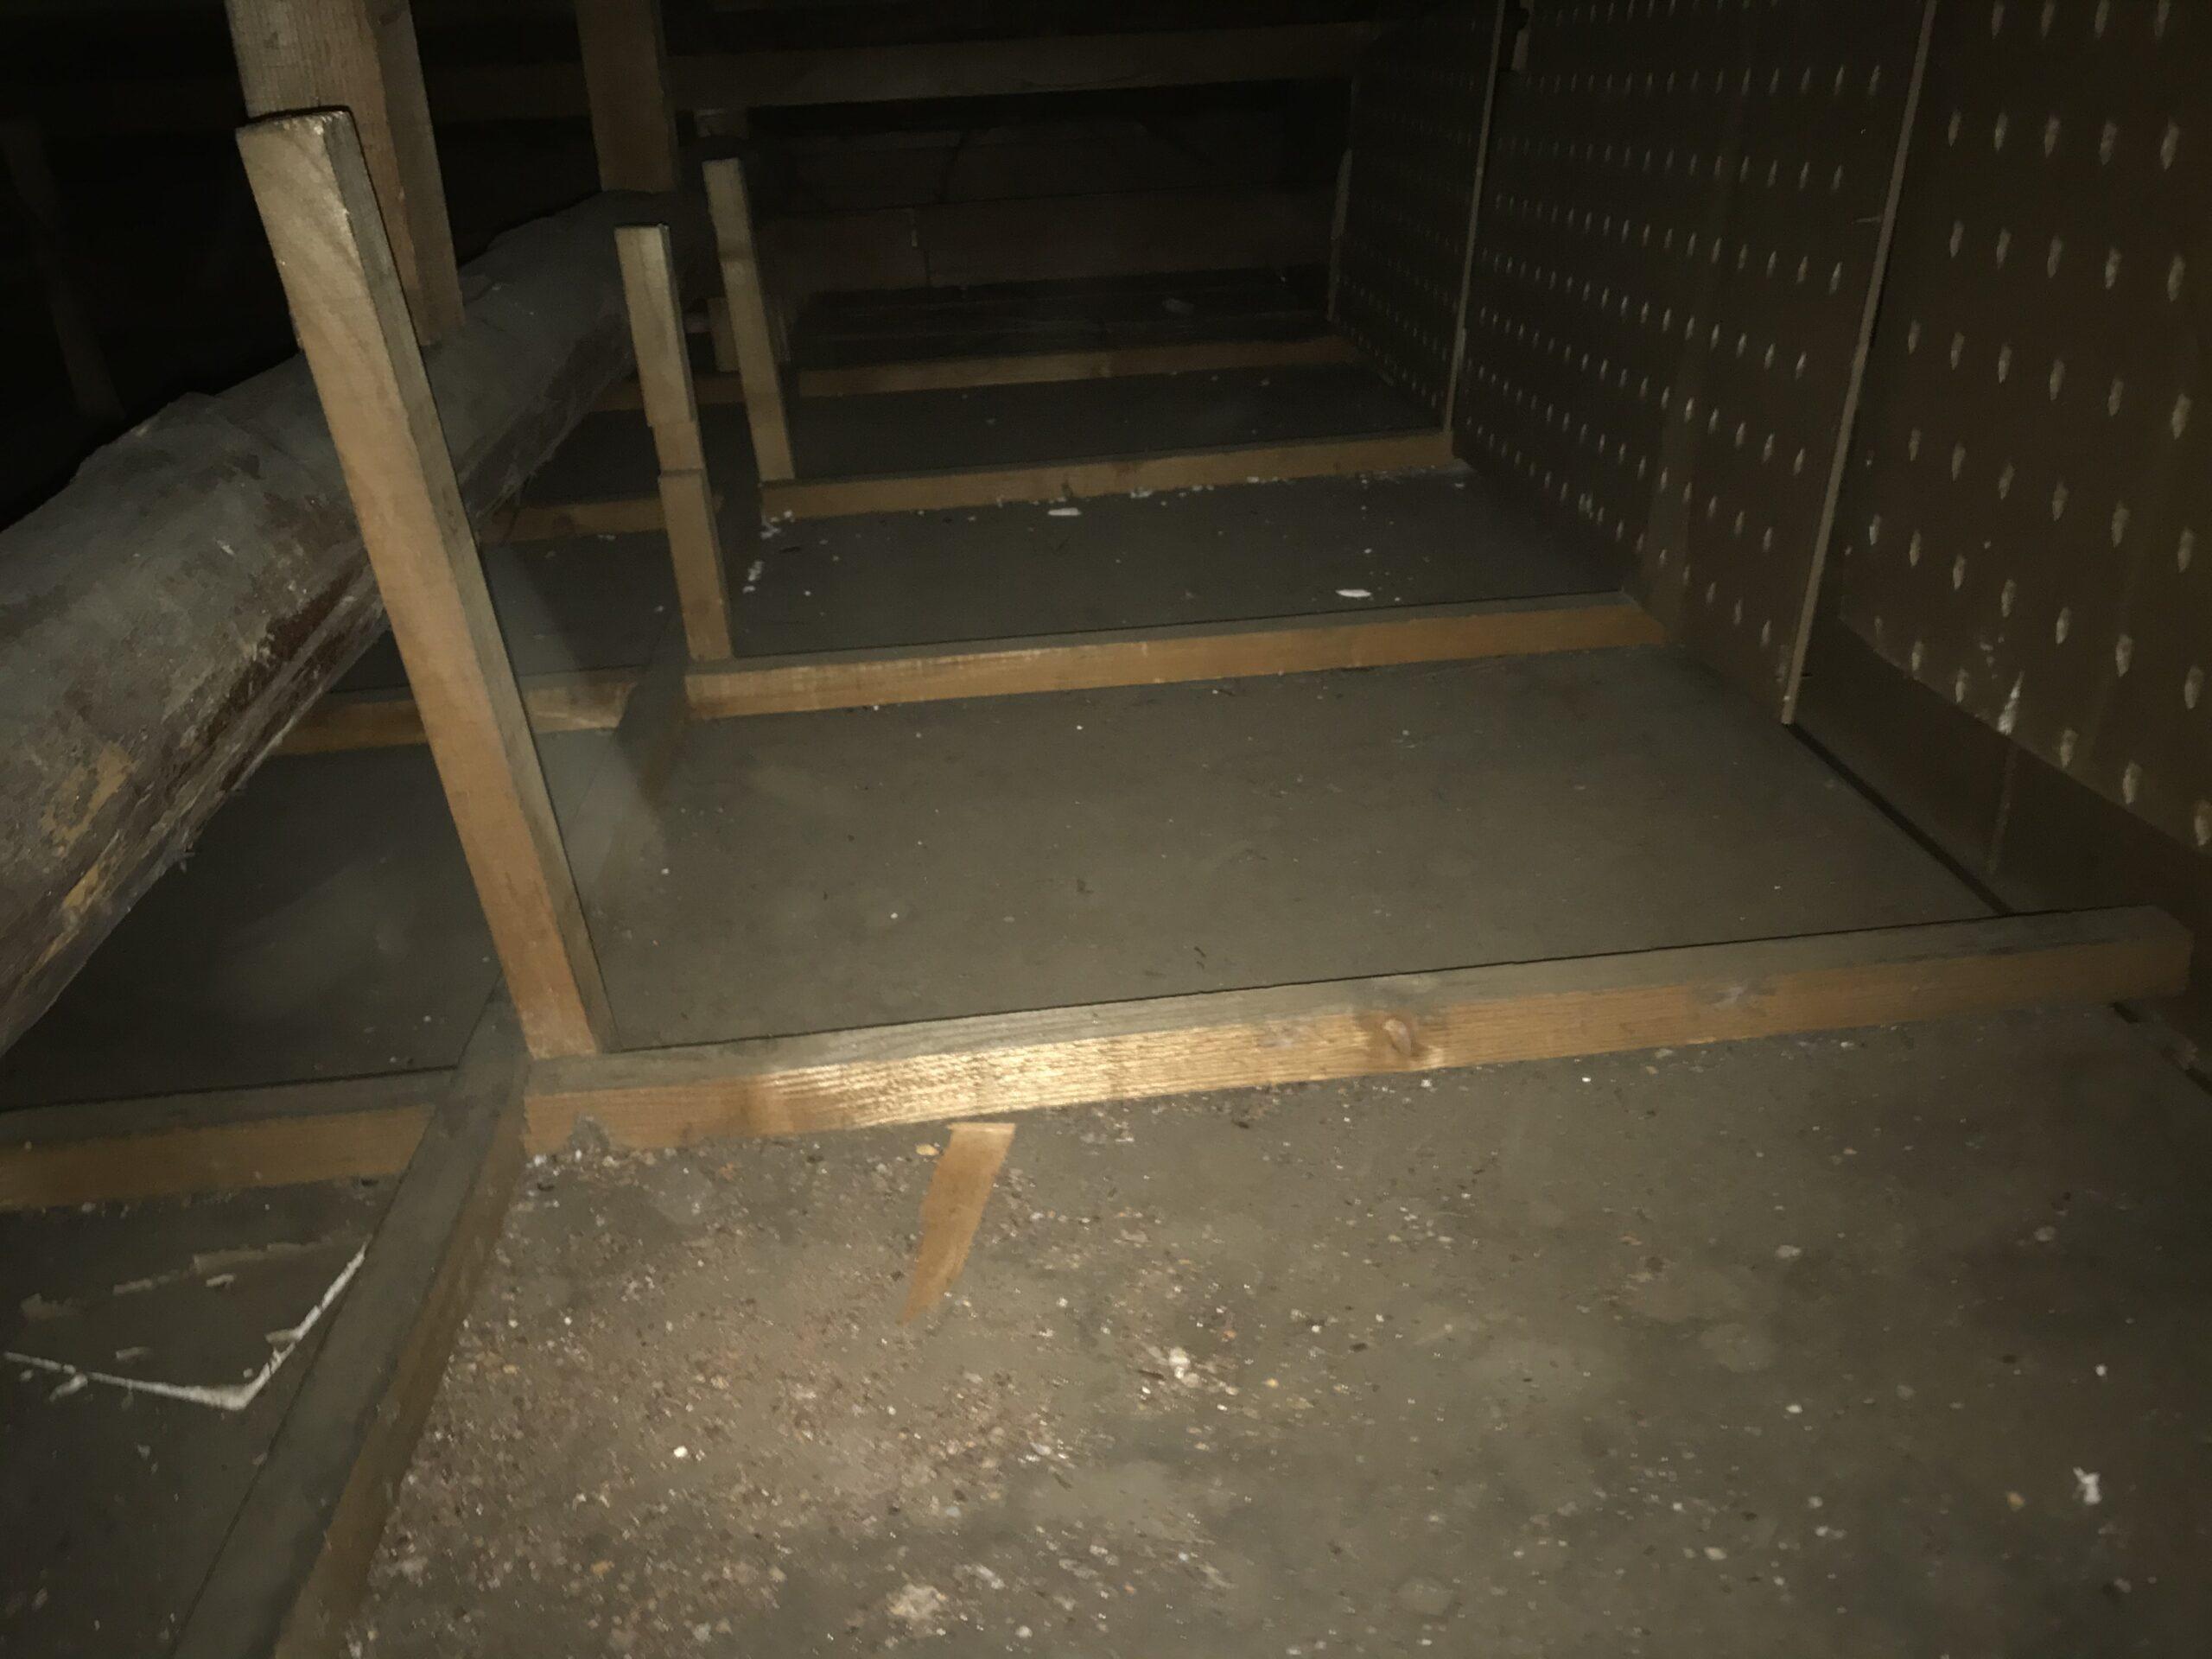 東京都足立区の空き家のネズミ駆除:施工前